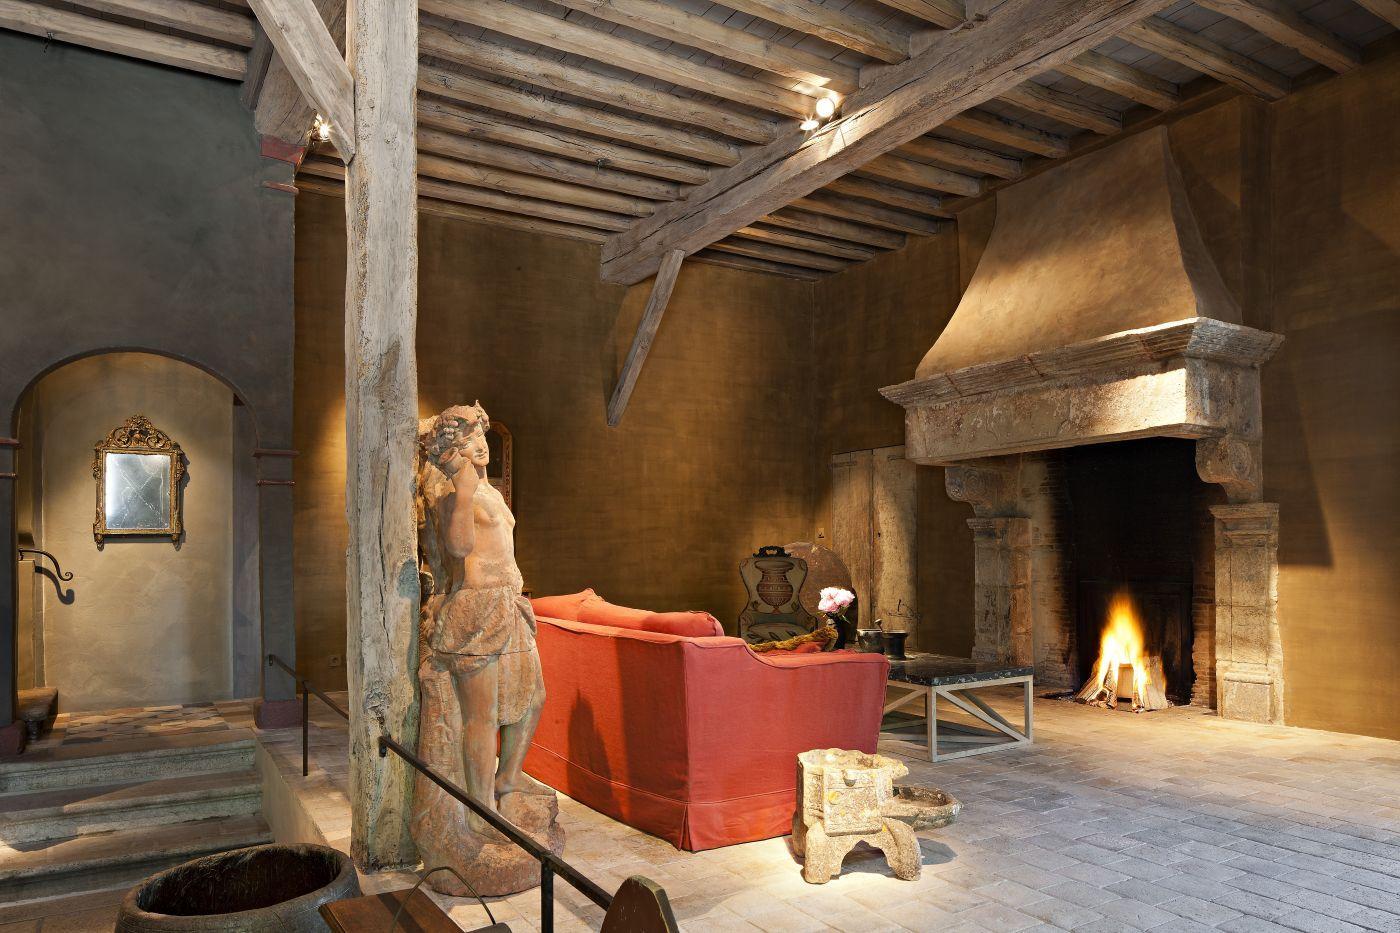 Van apers oude bouwmaterialen antieke bouwmaterialen haarden